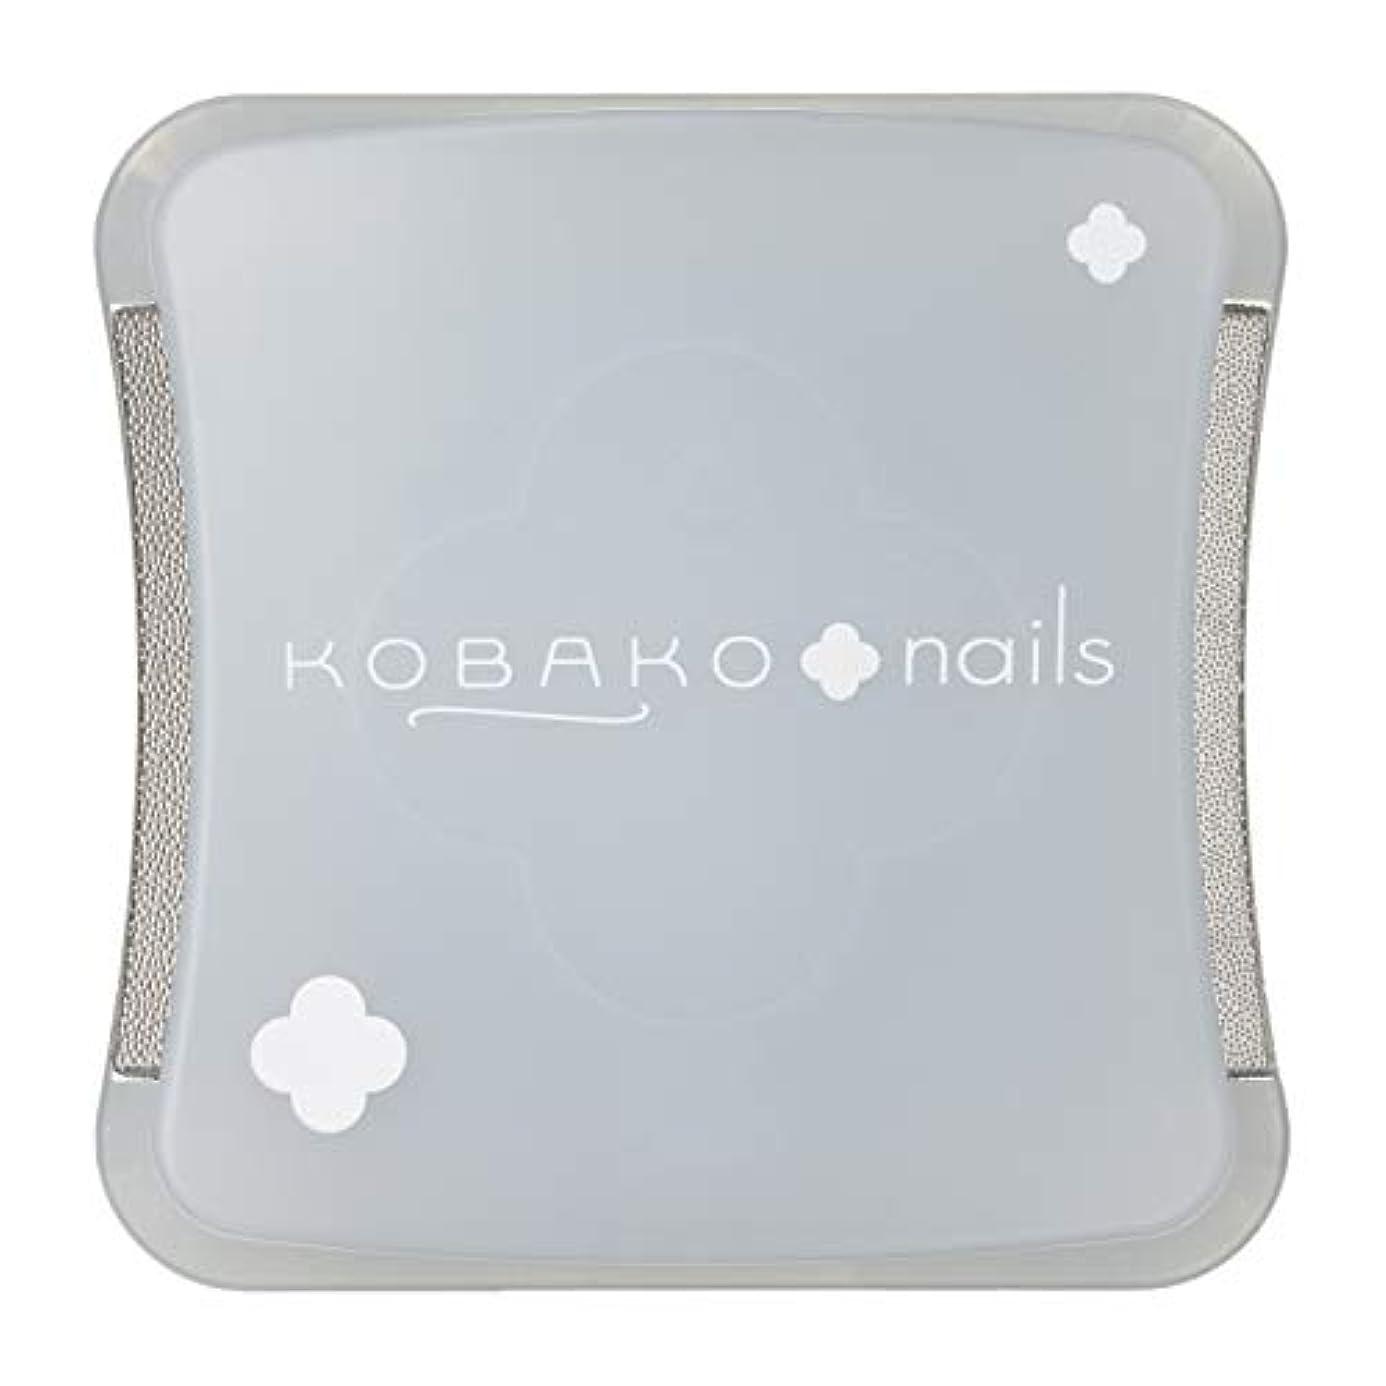 KOBAKO(コバコ) コンパクトネイルファイル